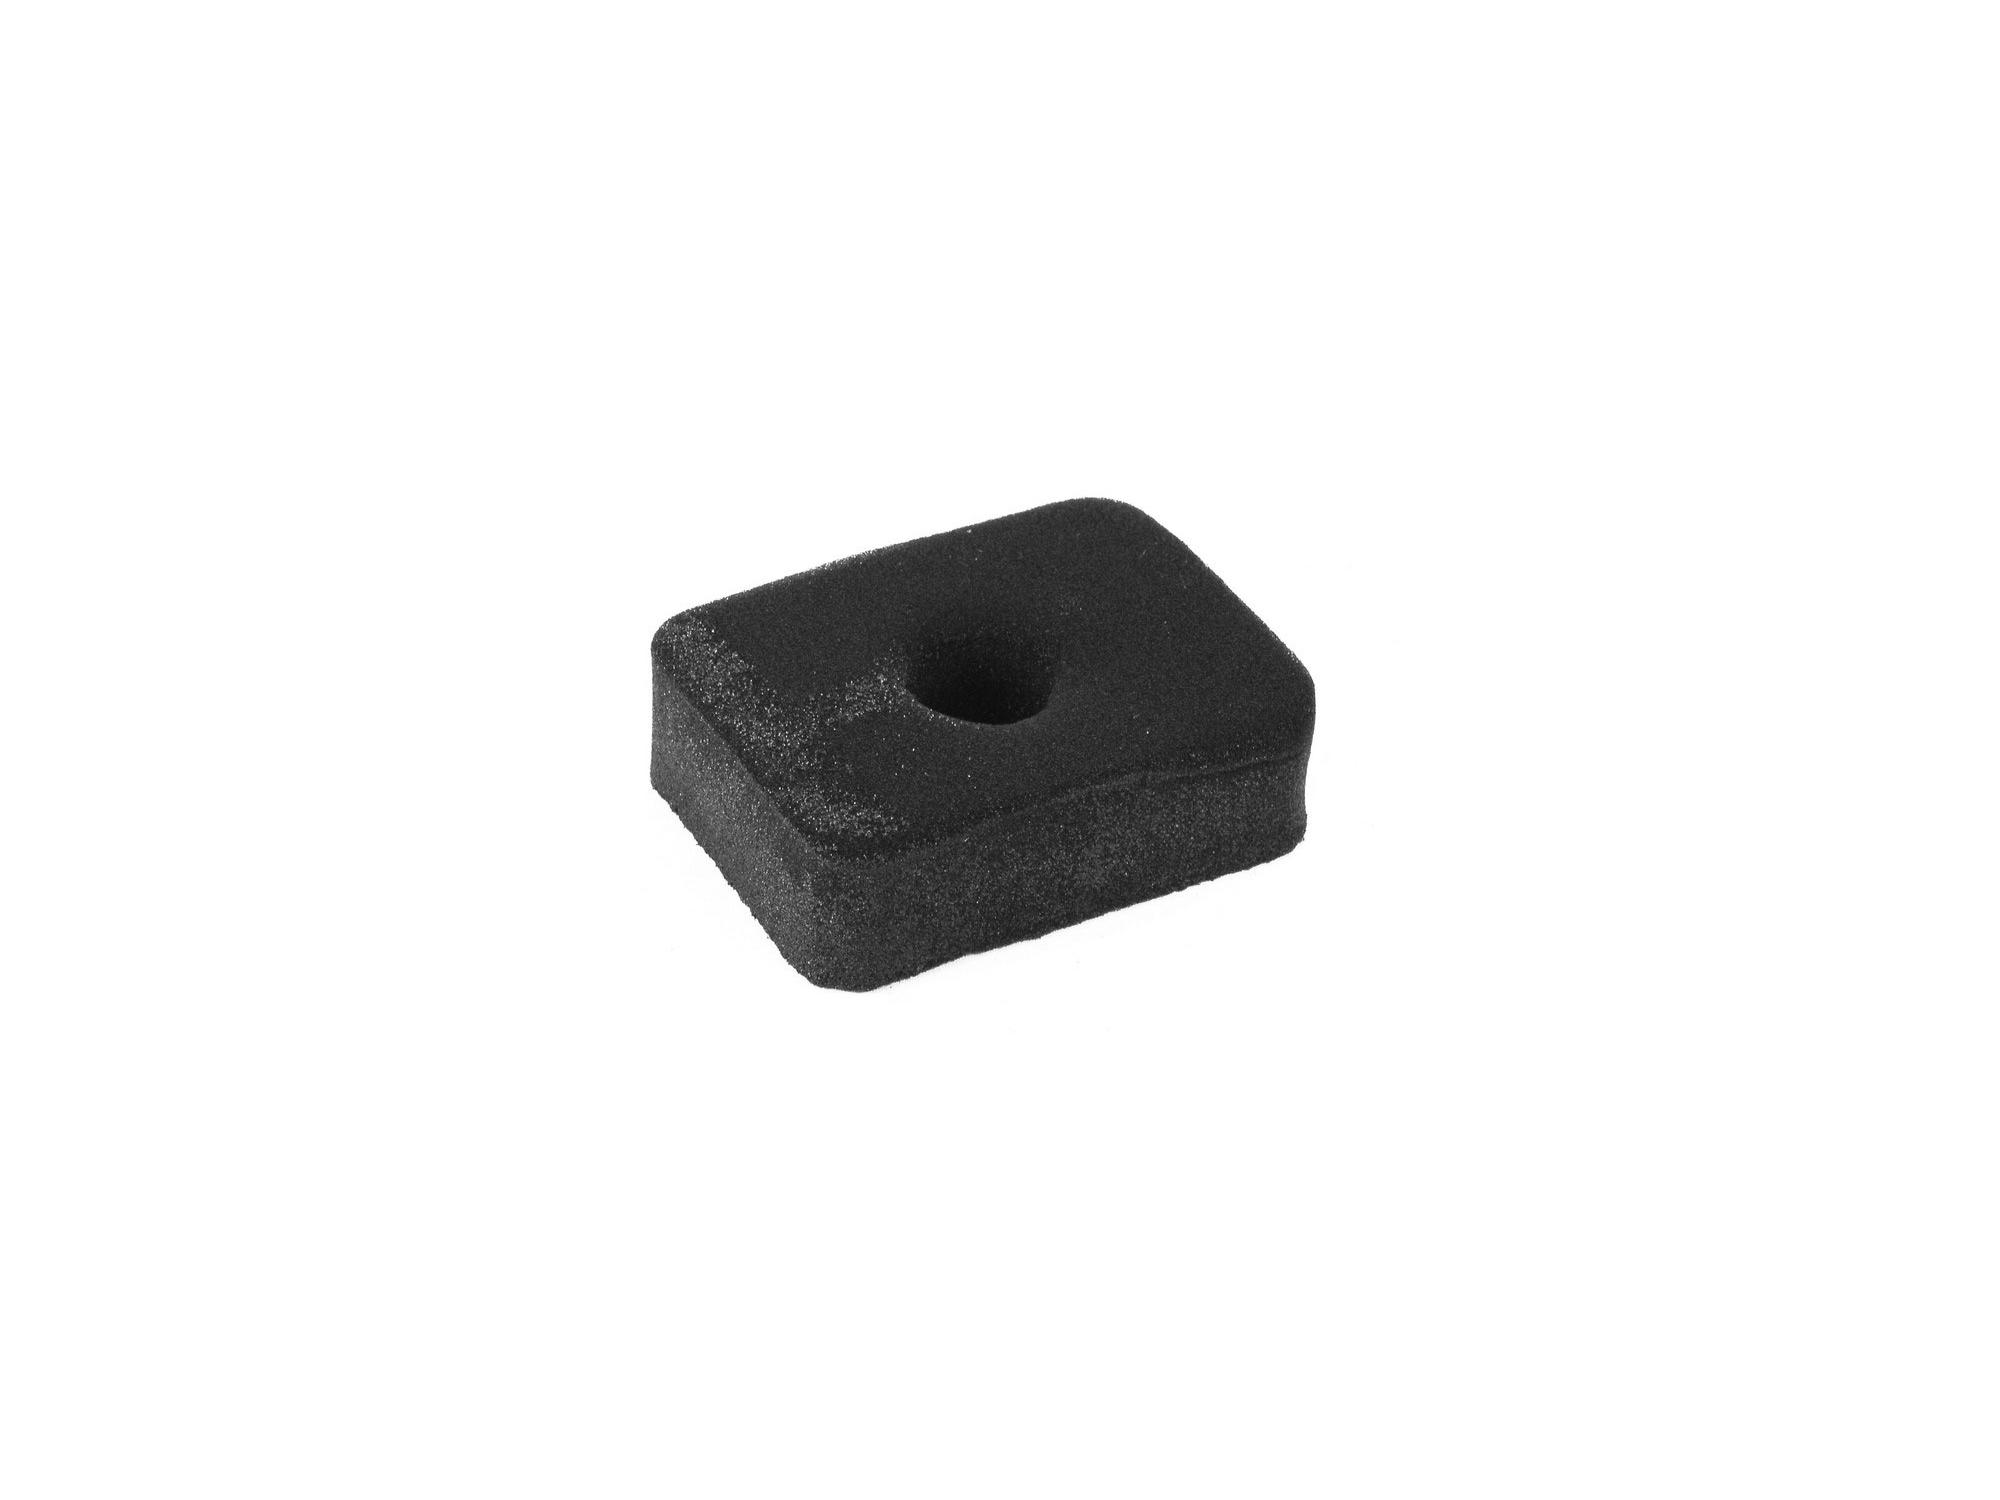 filtr vzduchový, HERON 8895102B